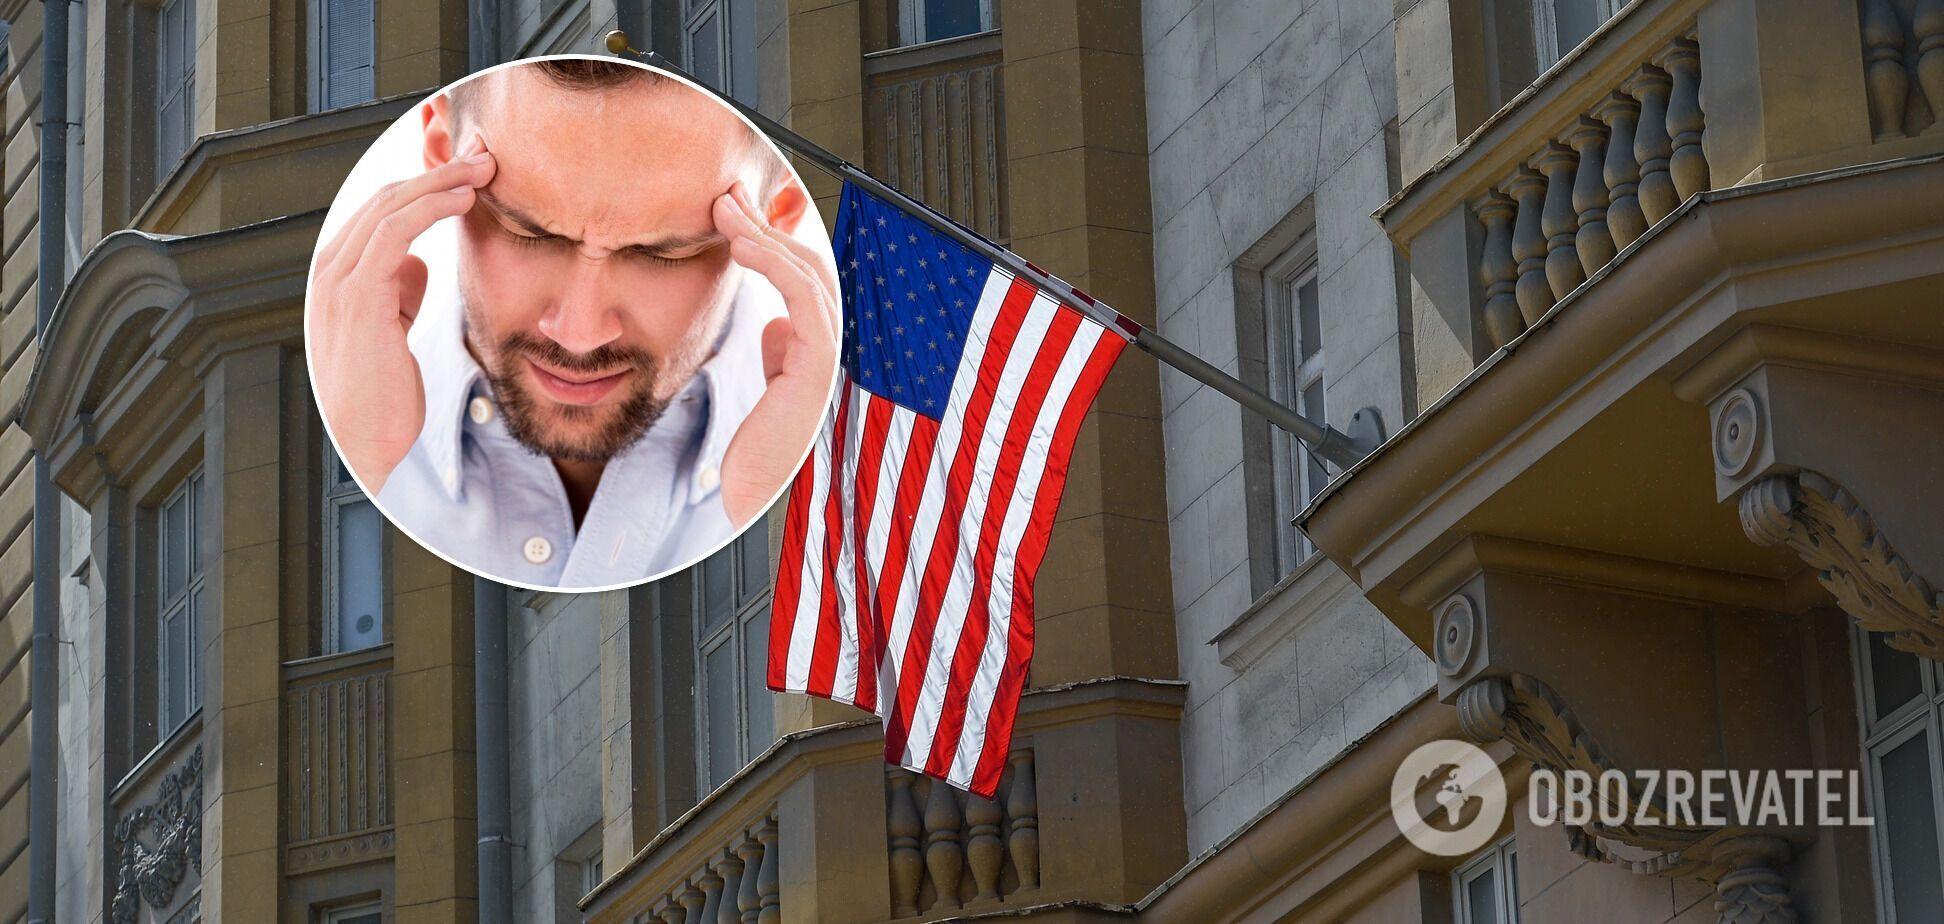 У послов США в Вене обнаружена странная болезнь